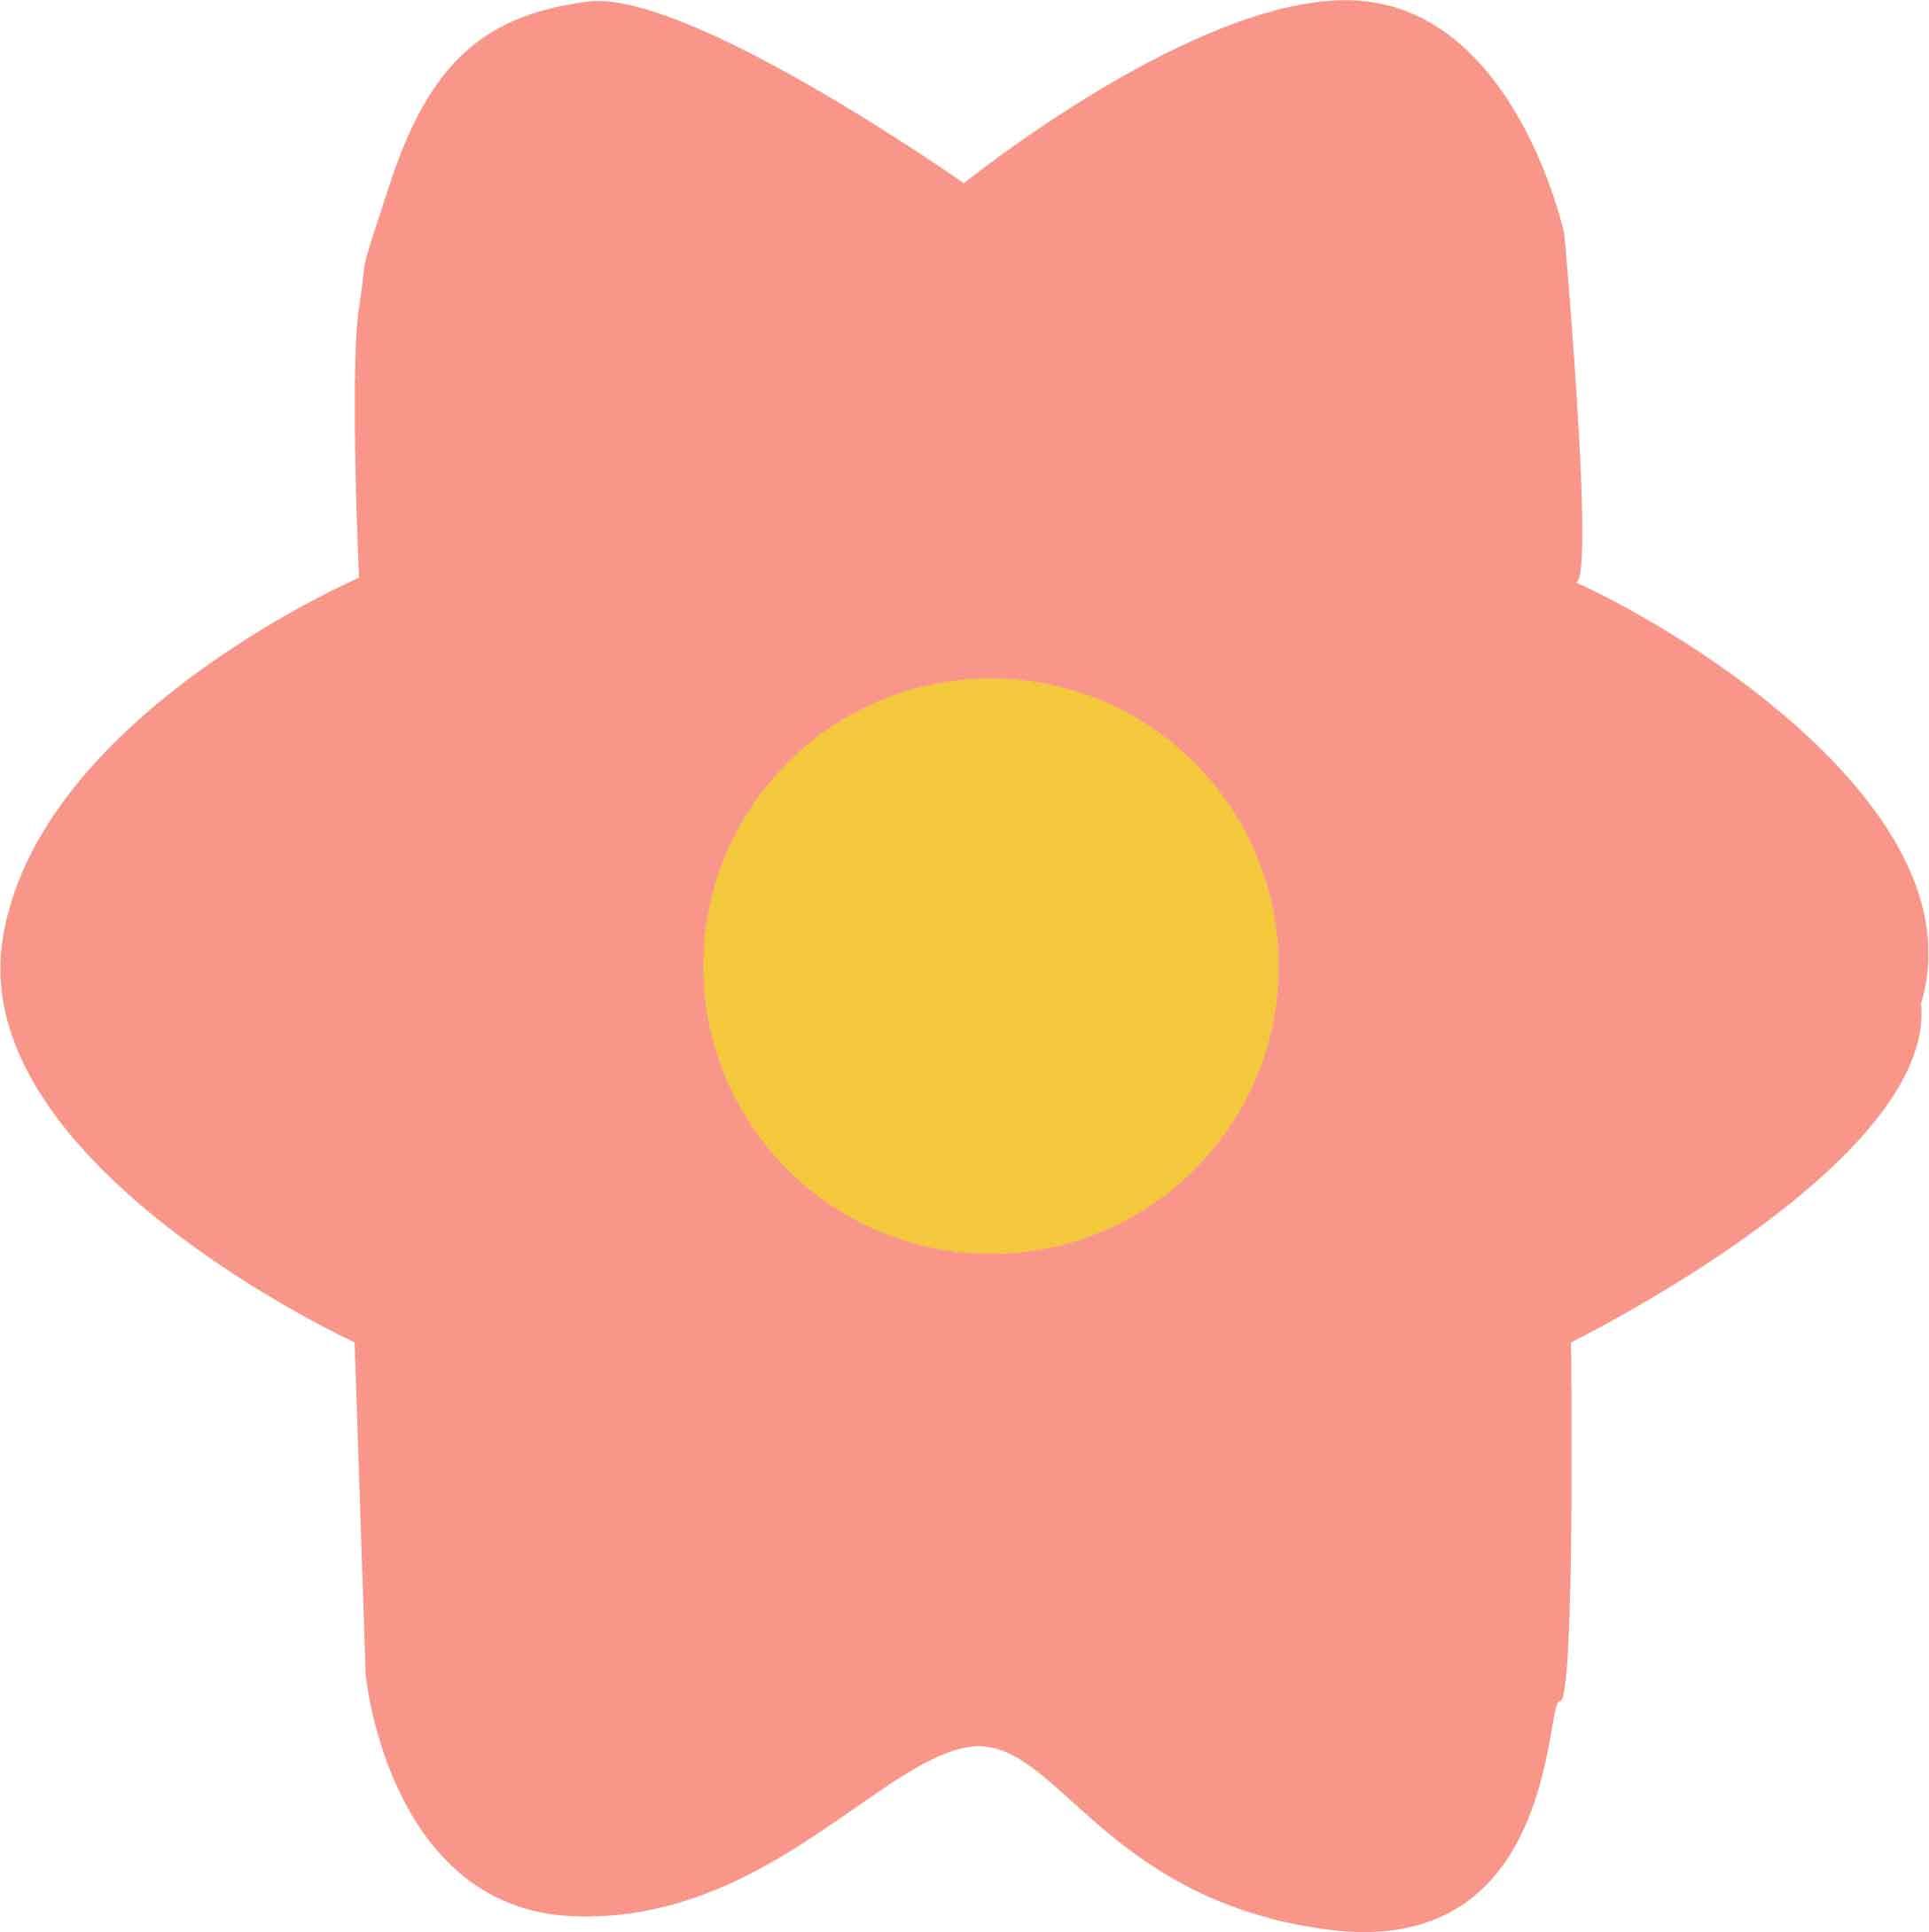 表情 小红花奖励扁平卡通 奖你一朵小红花表情包 小红花图片简笔画 小红花怎么  表情